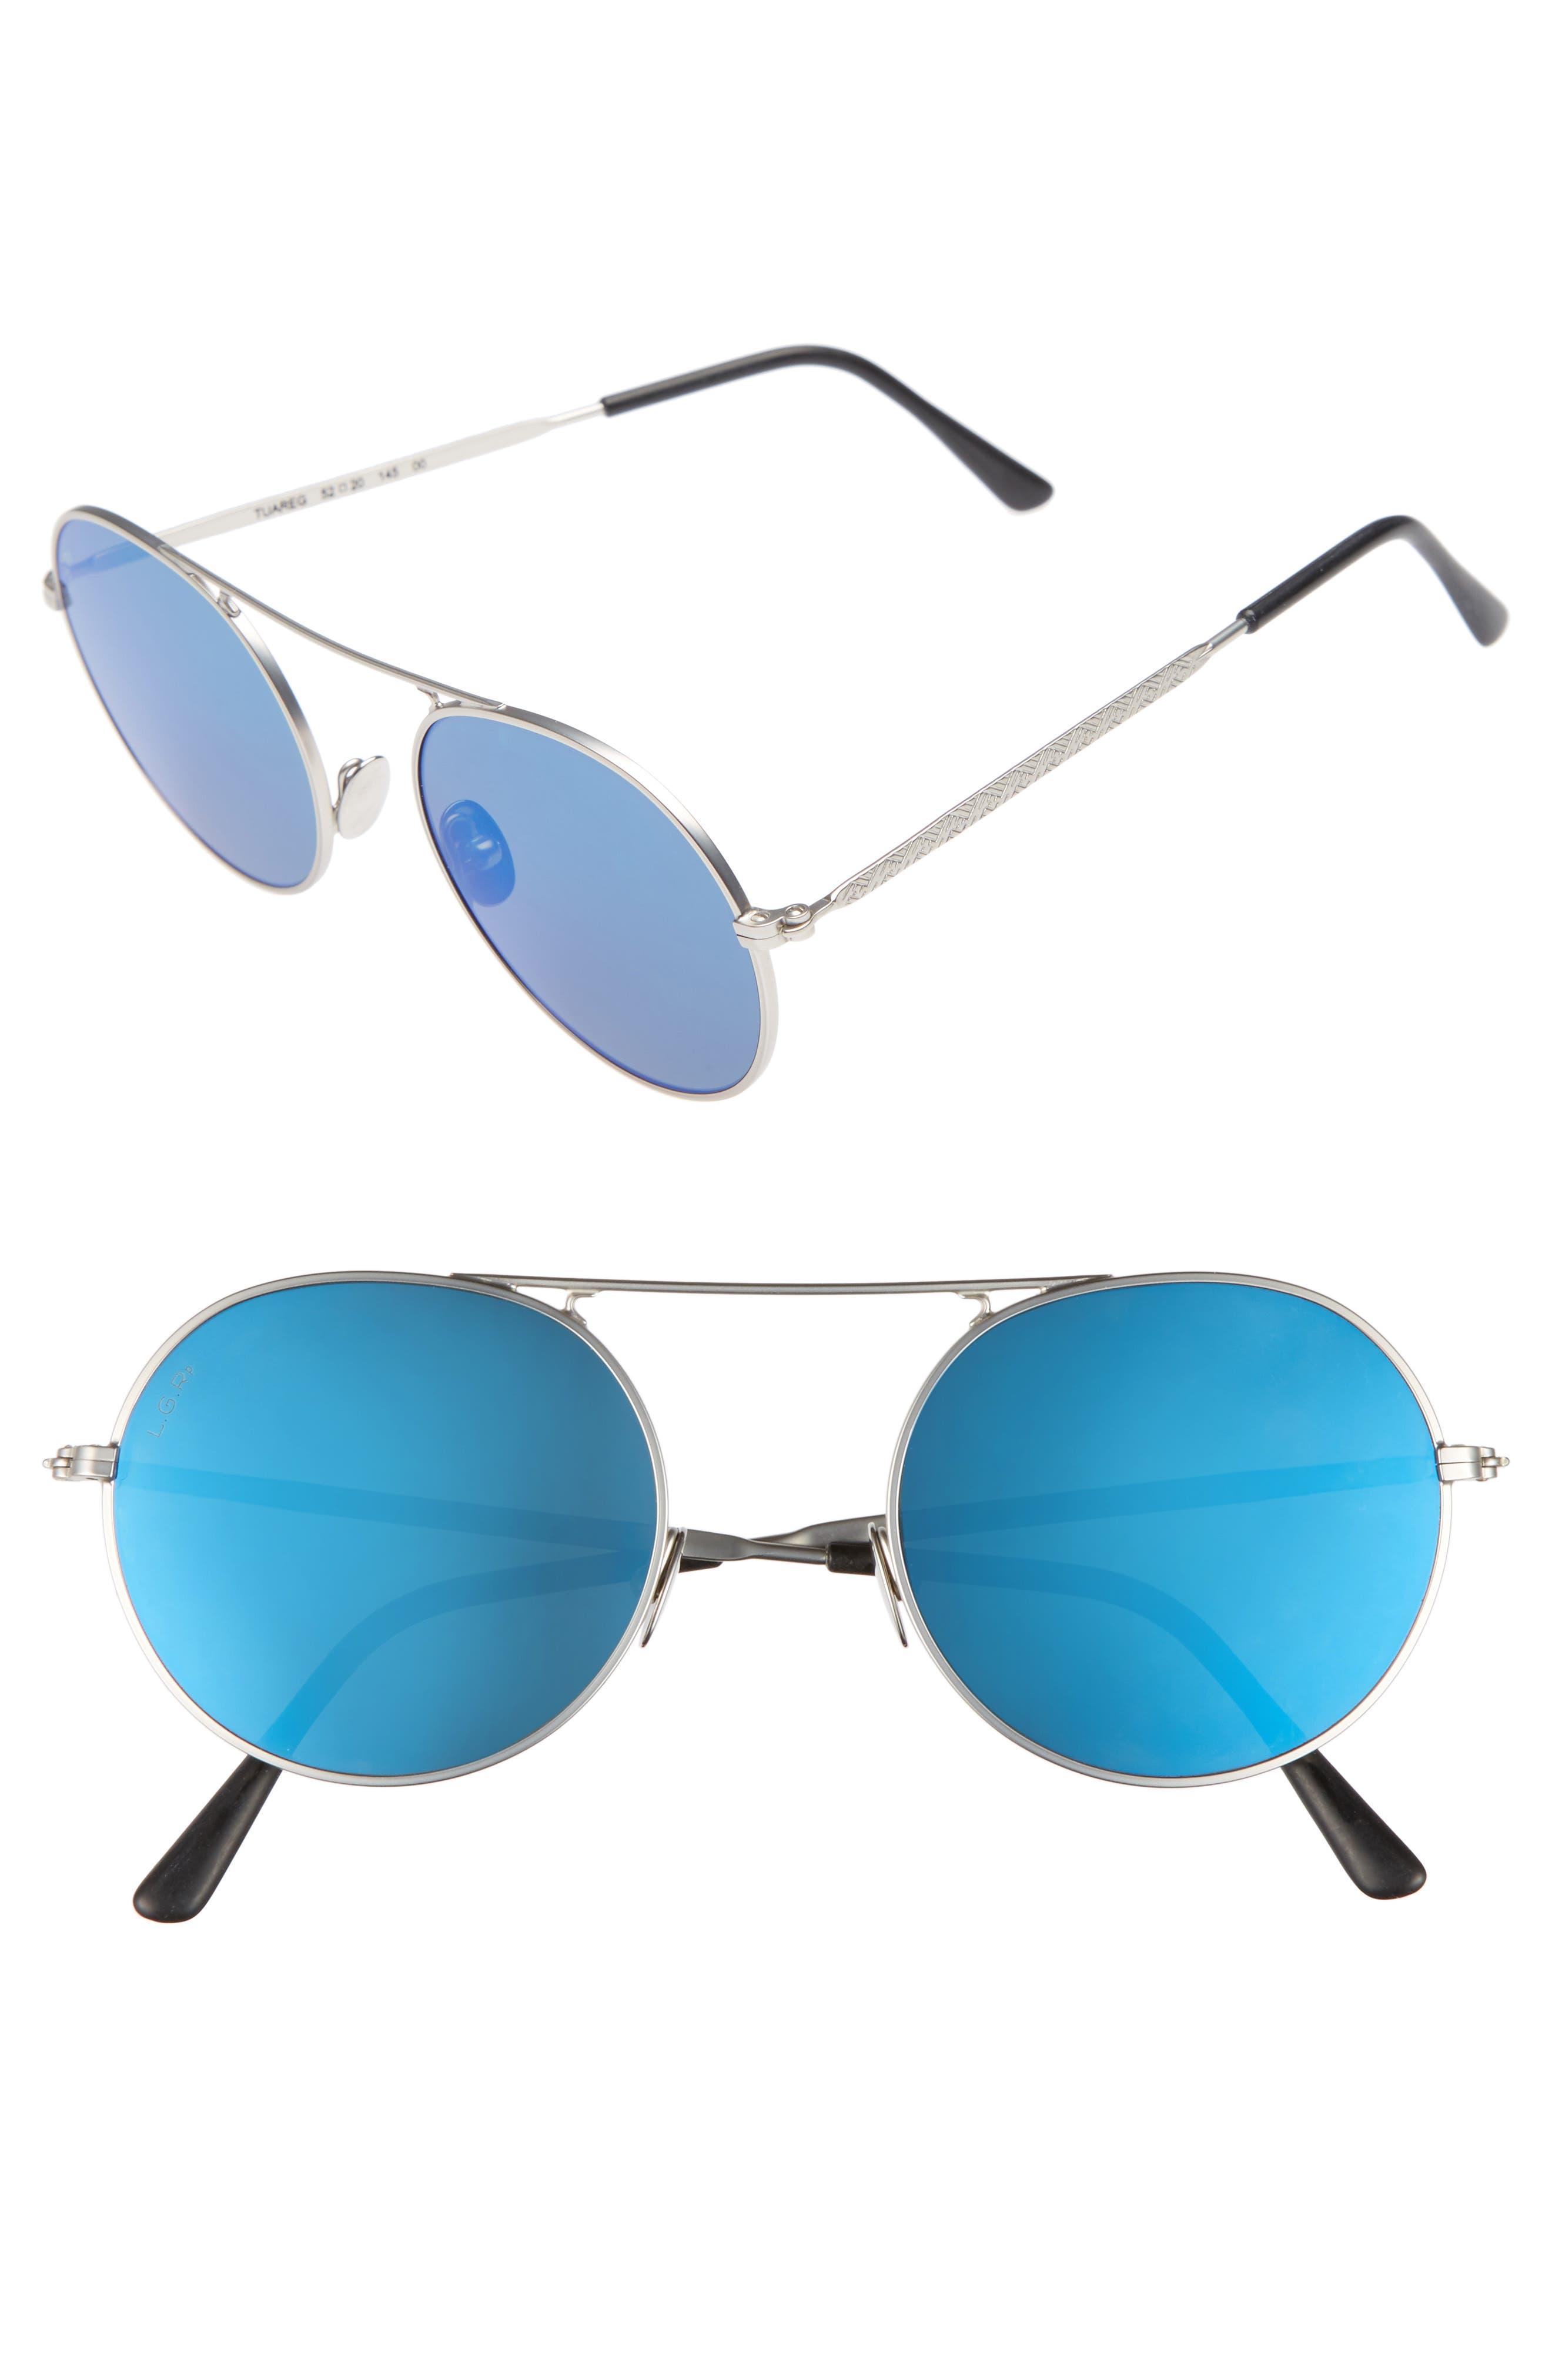 Tuareg 52mm Polarized Sunglasses,                         Main,                         color, Silver Matte/ Blue Mirror